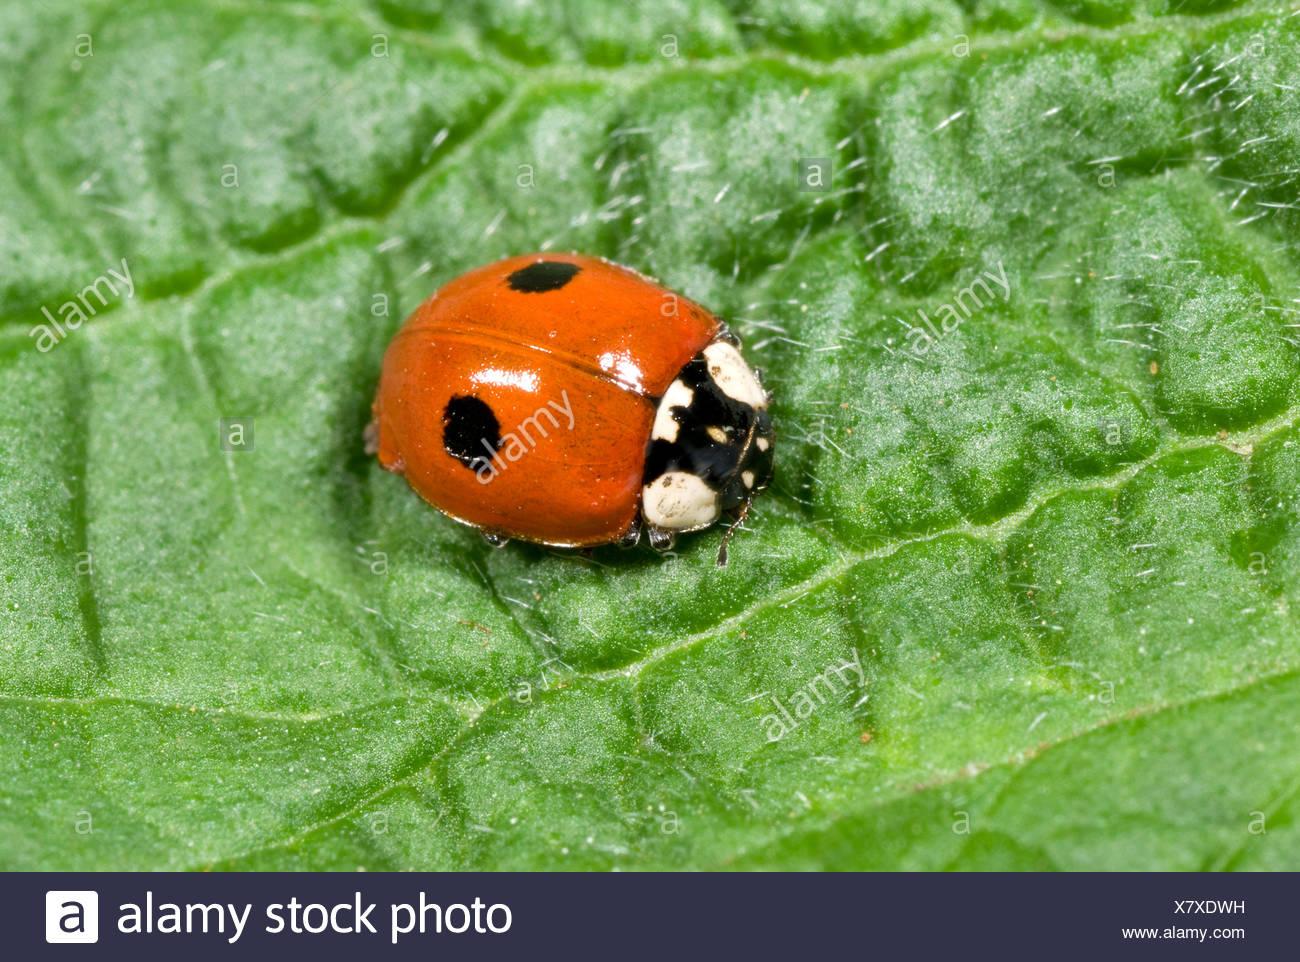 2 Spot Ladybird Adalia Bipunctata Adult On Leaf In Woodland